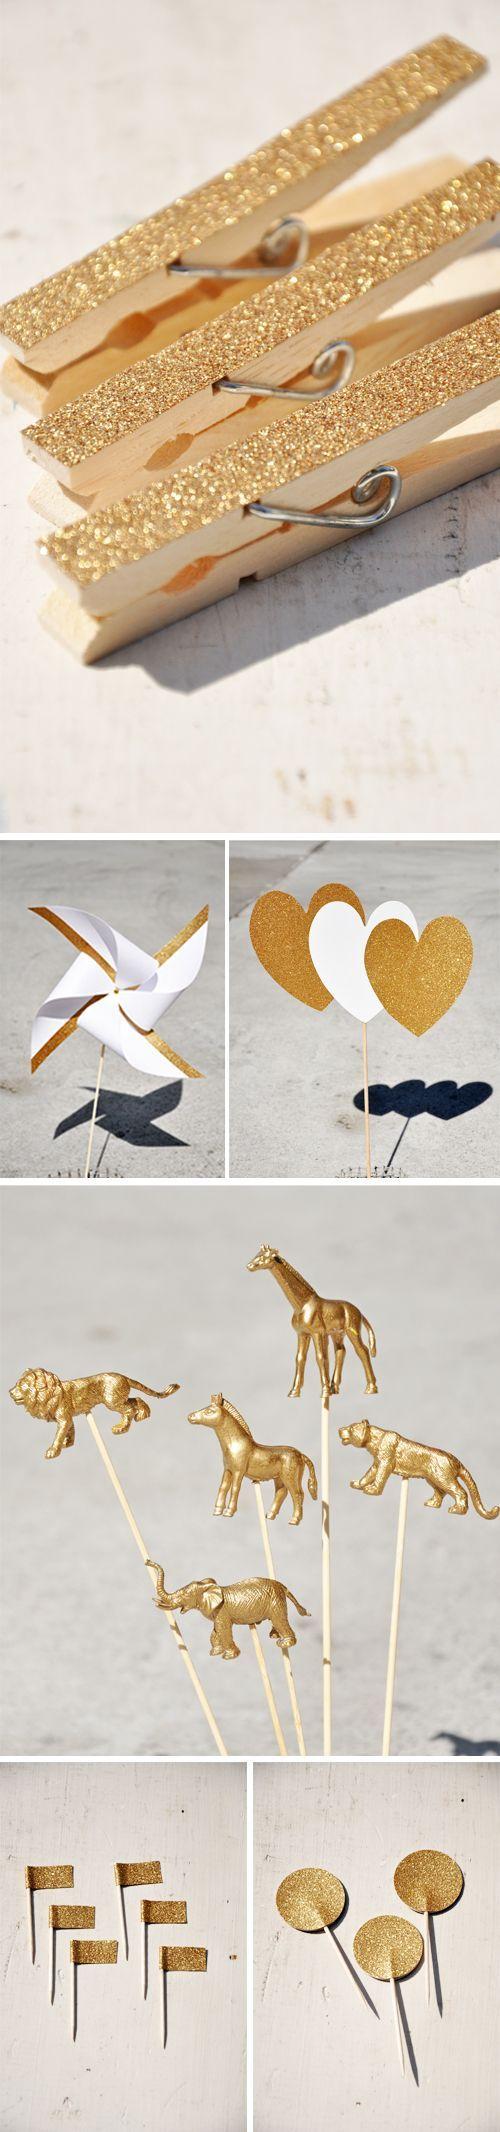 de magnifiques pinces à linge grâce à de la poudre dorée. #christmas #noel #or http://www.instemporel.com/s/3531_63221_paillette-decoration-table-mariage